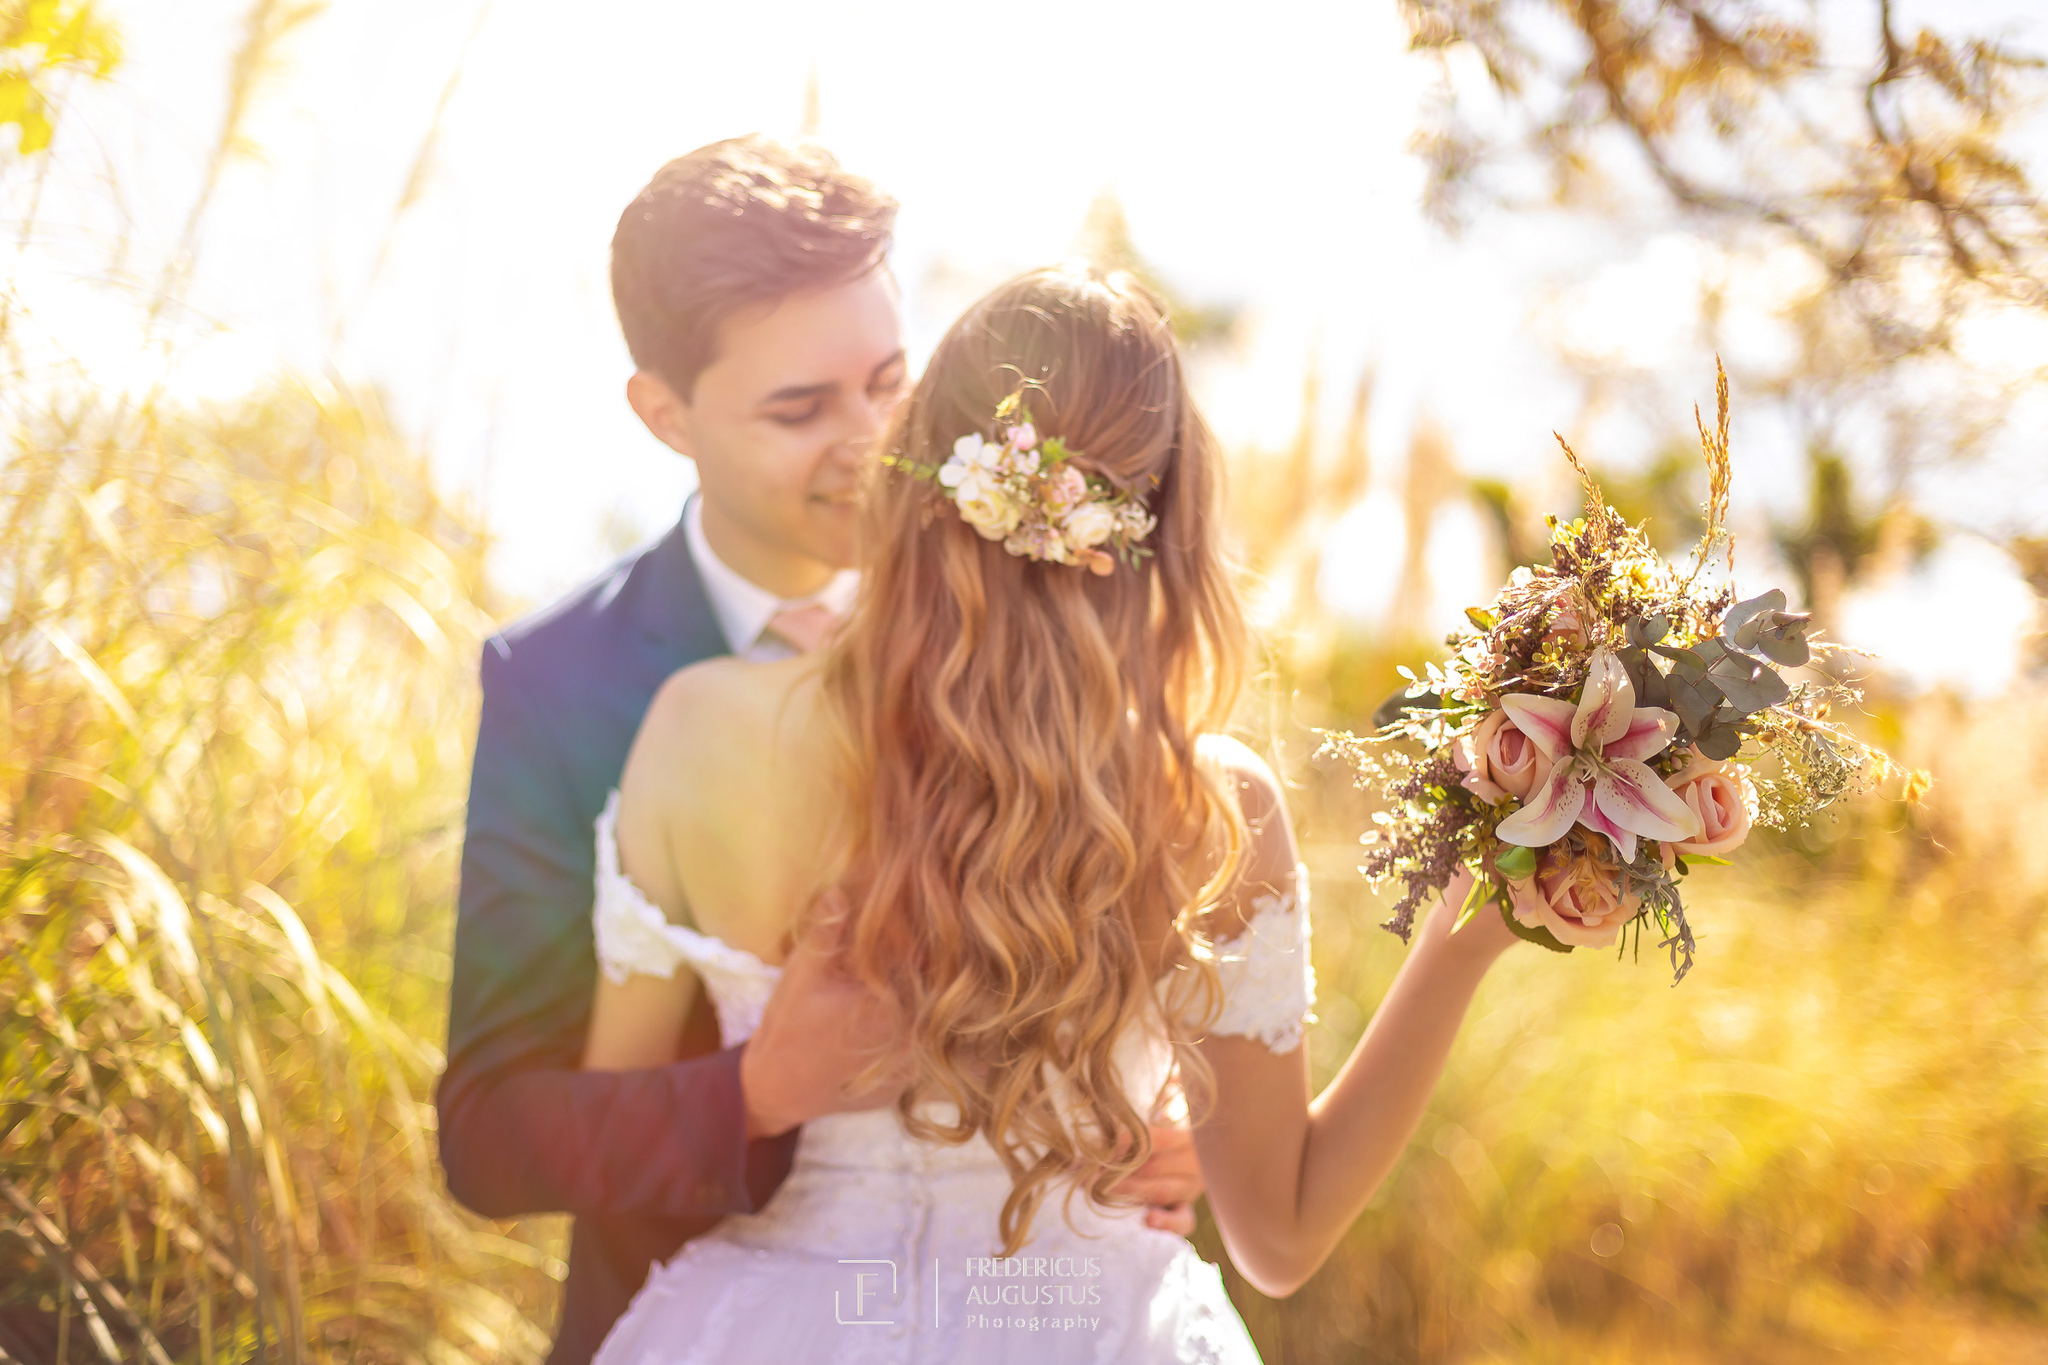 no ensaio de pós casamento tem que ter fotos da noiva com o seu buquê